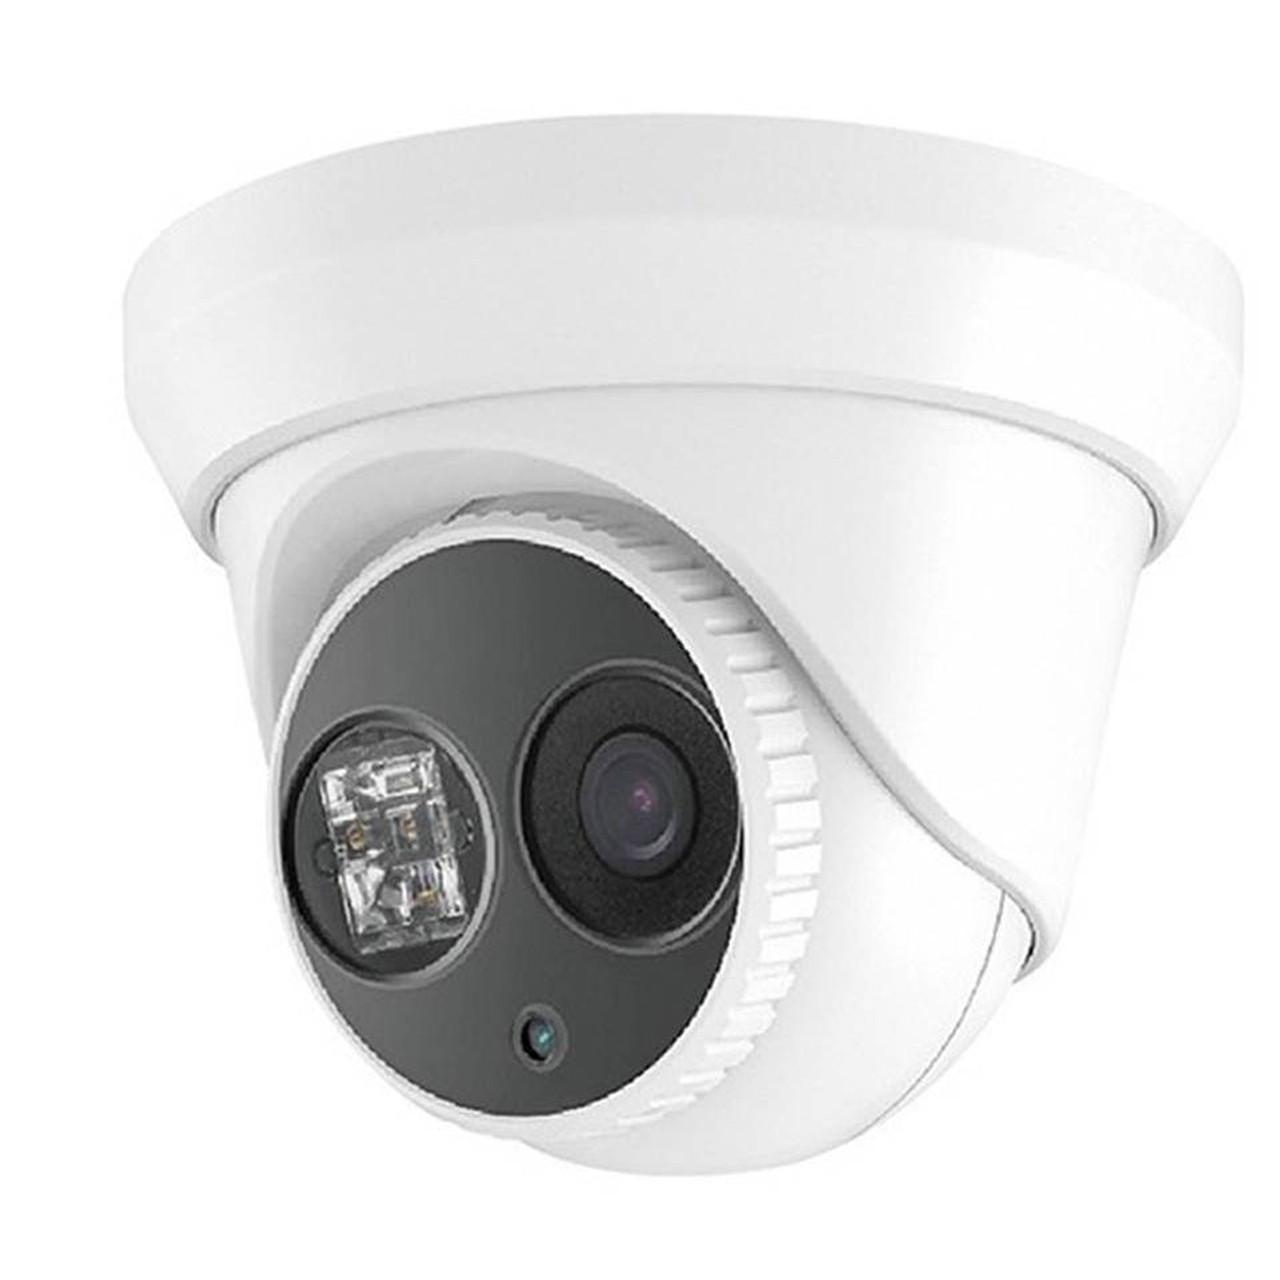 LTS Platinum Matrix IR Turret Network IP Camera 4.1MP CMIP1142W-6 6mm